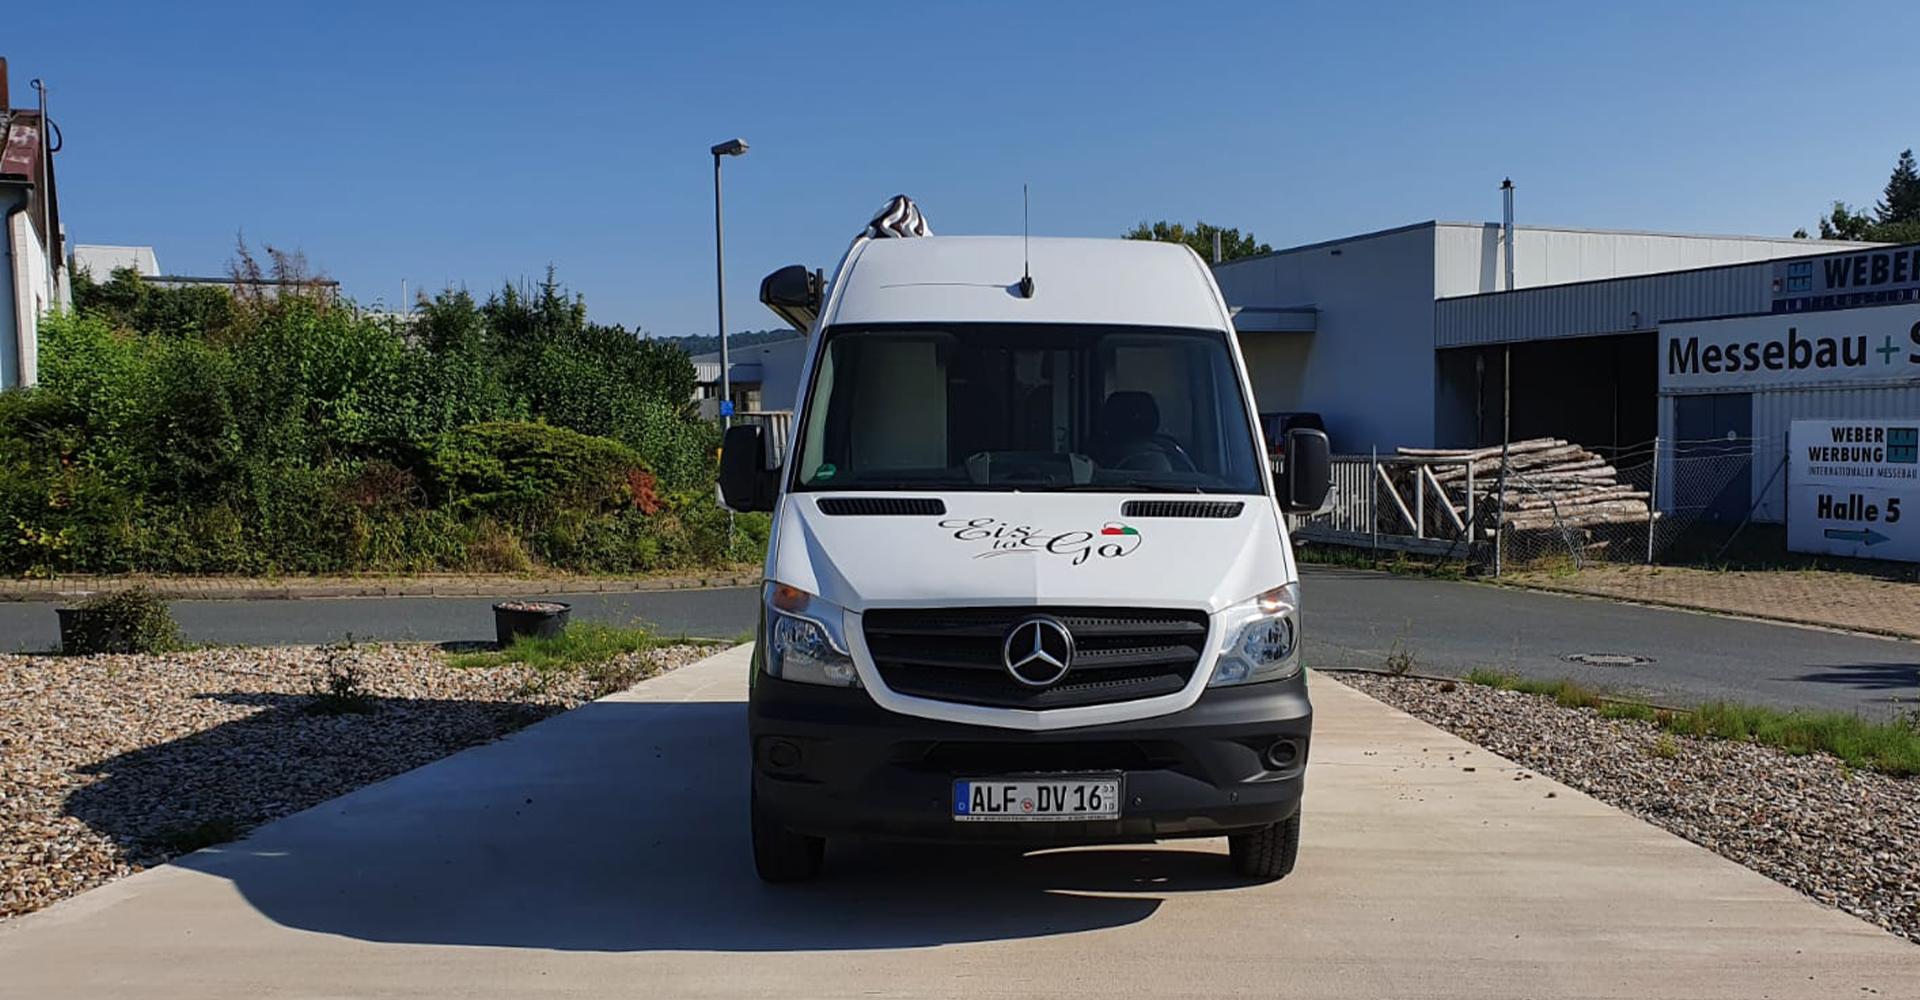 Italieniesche Beschriftung für den neuen Eiswagen des Eiscafes La Dolve Vita aus Alfeld